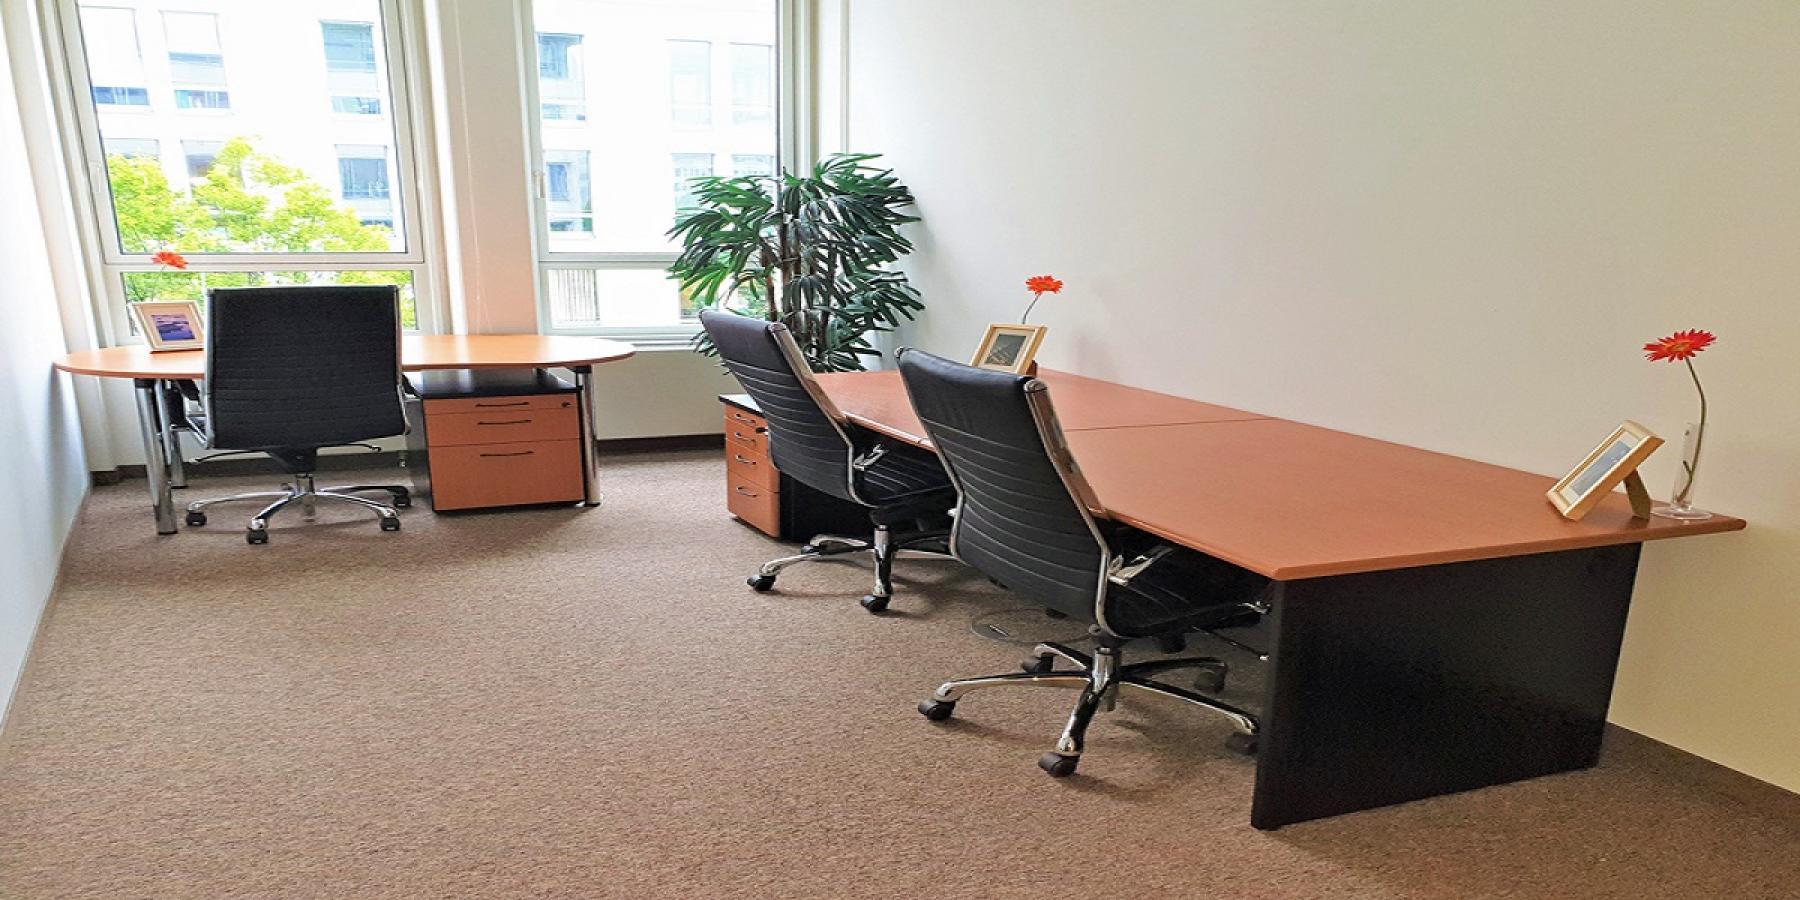 Büro mieten Landshuter Allee 8-10, München (2)